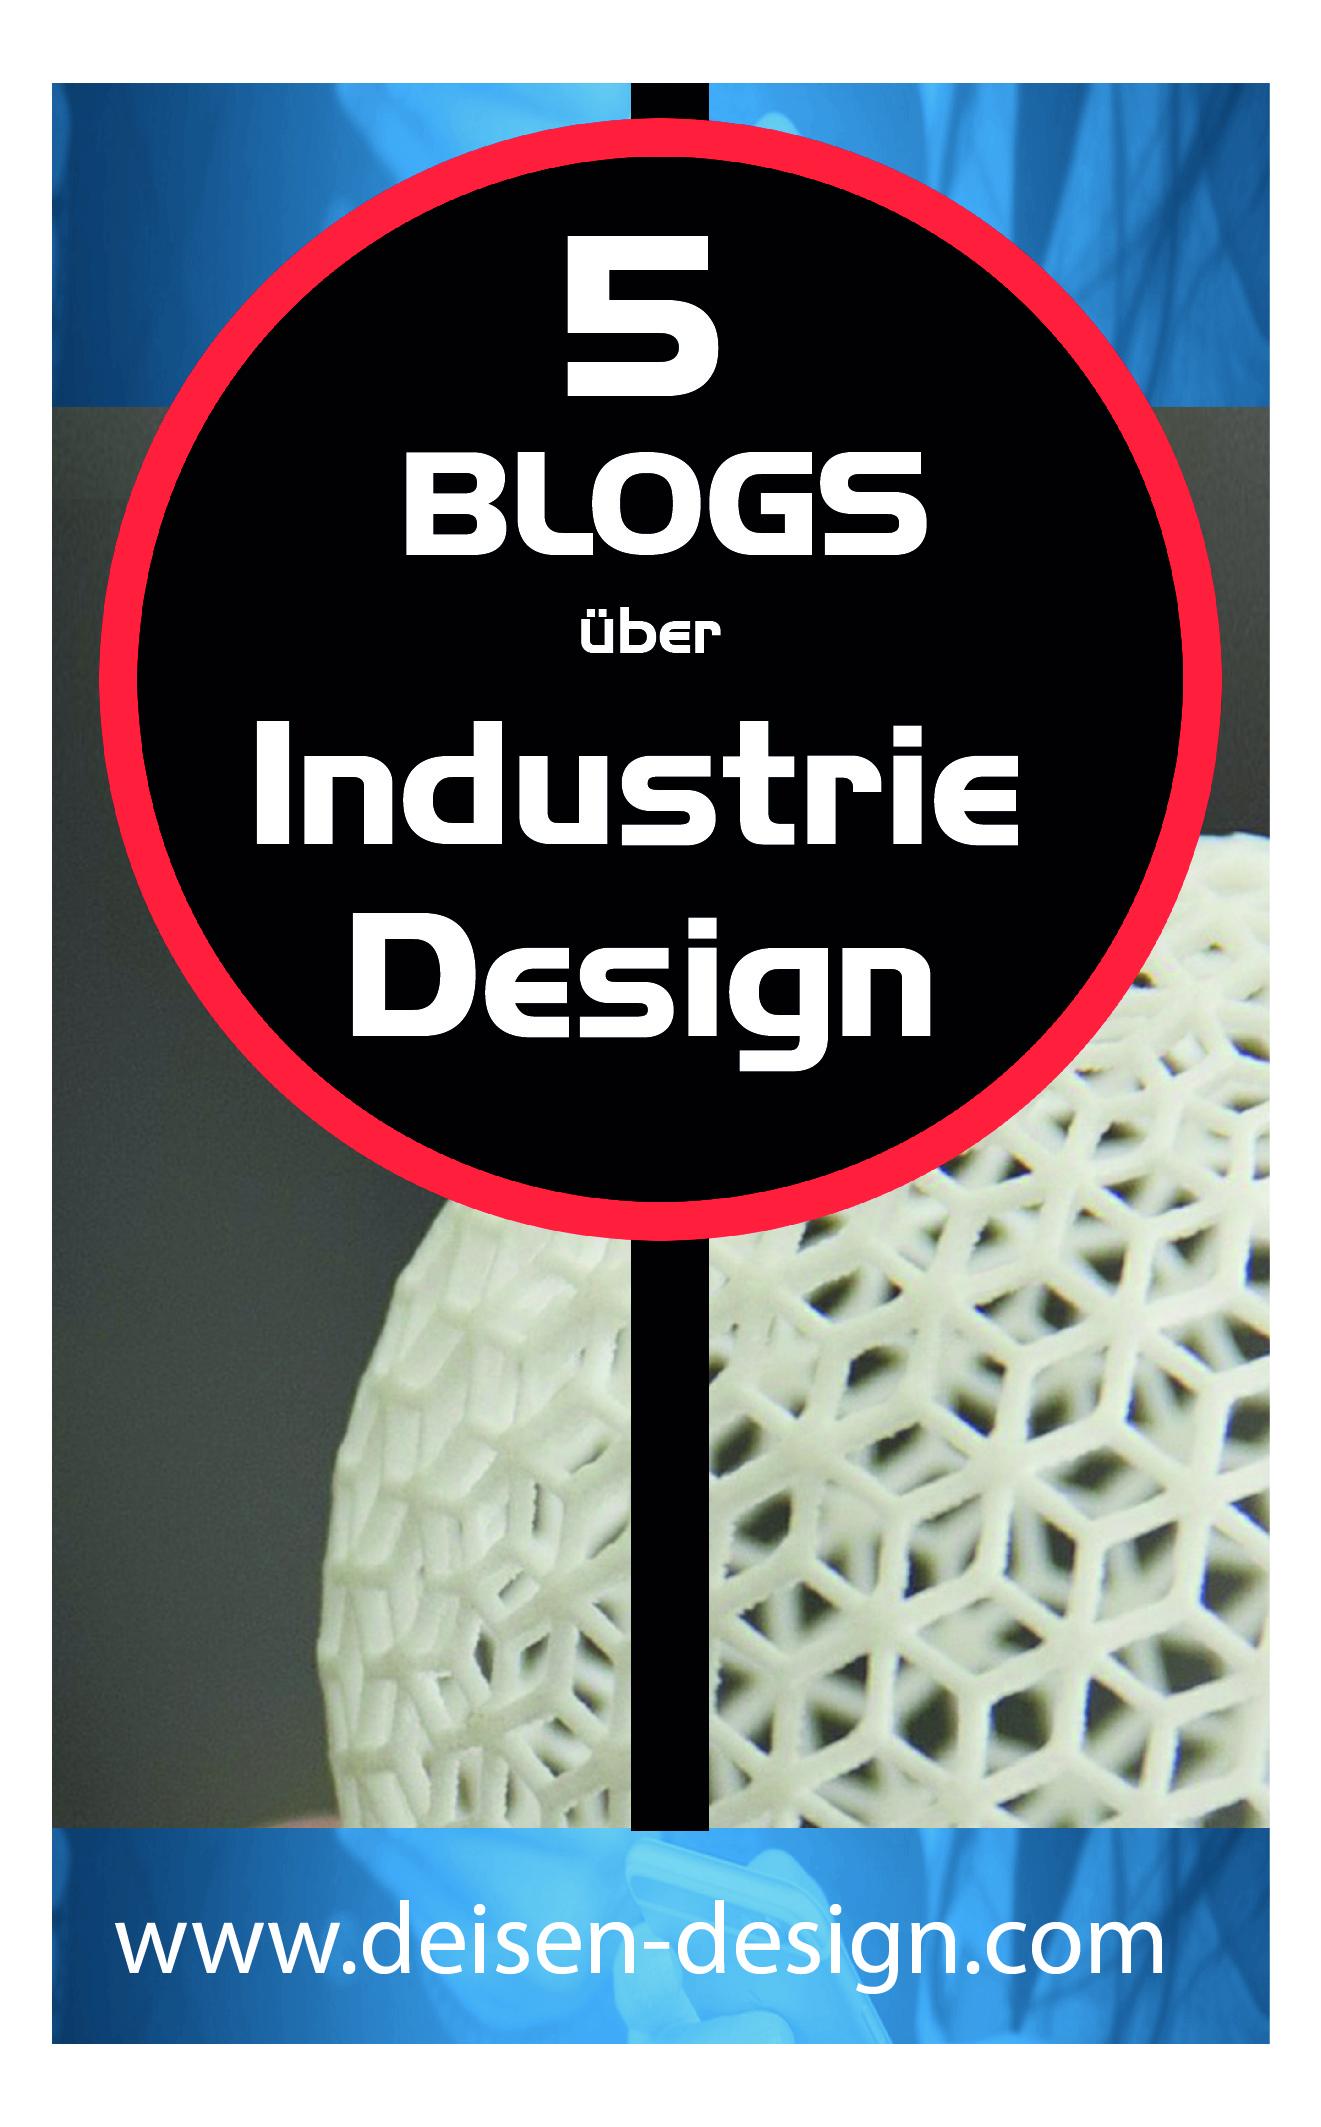 DEISEN Design Professionelles Produkt U0026 Industrie Design